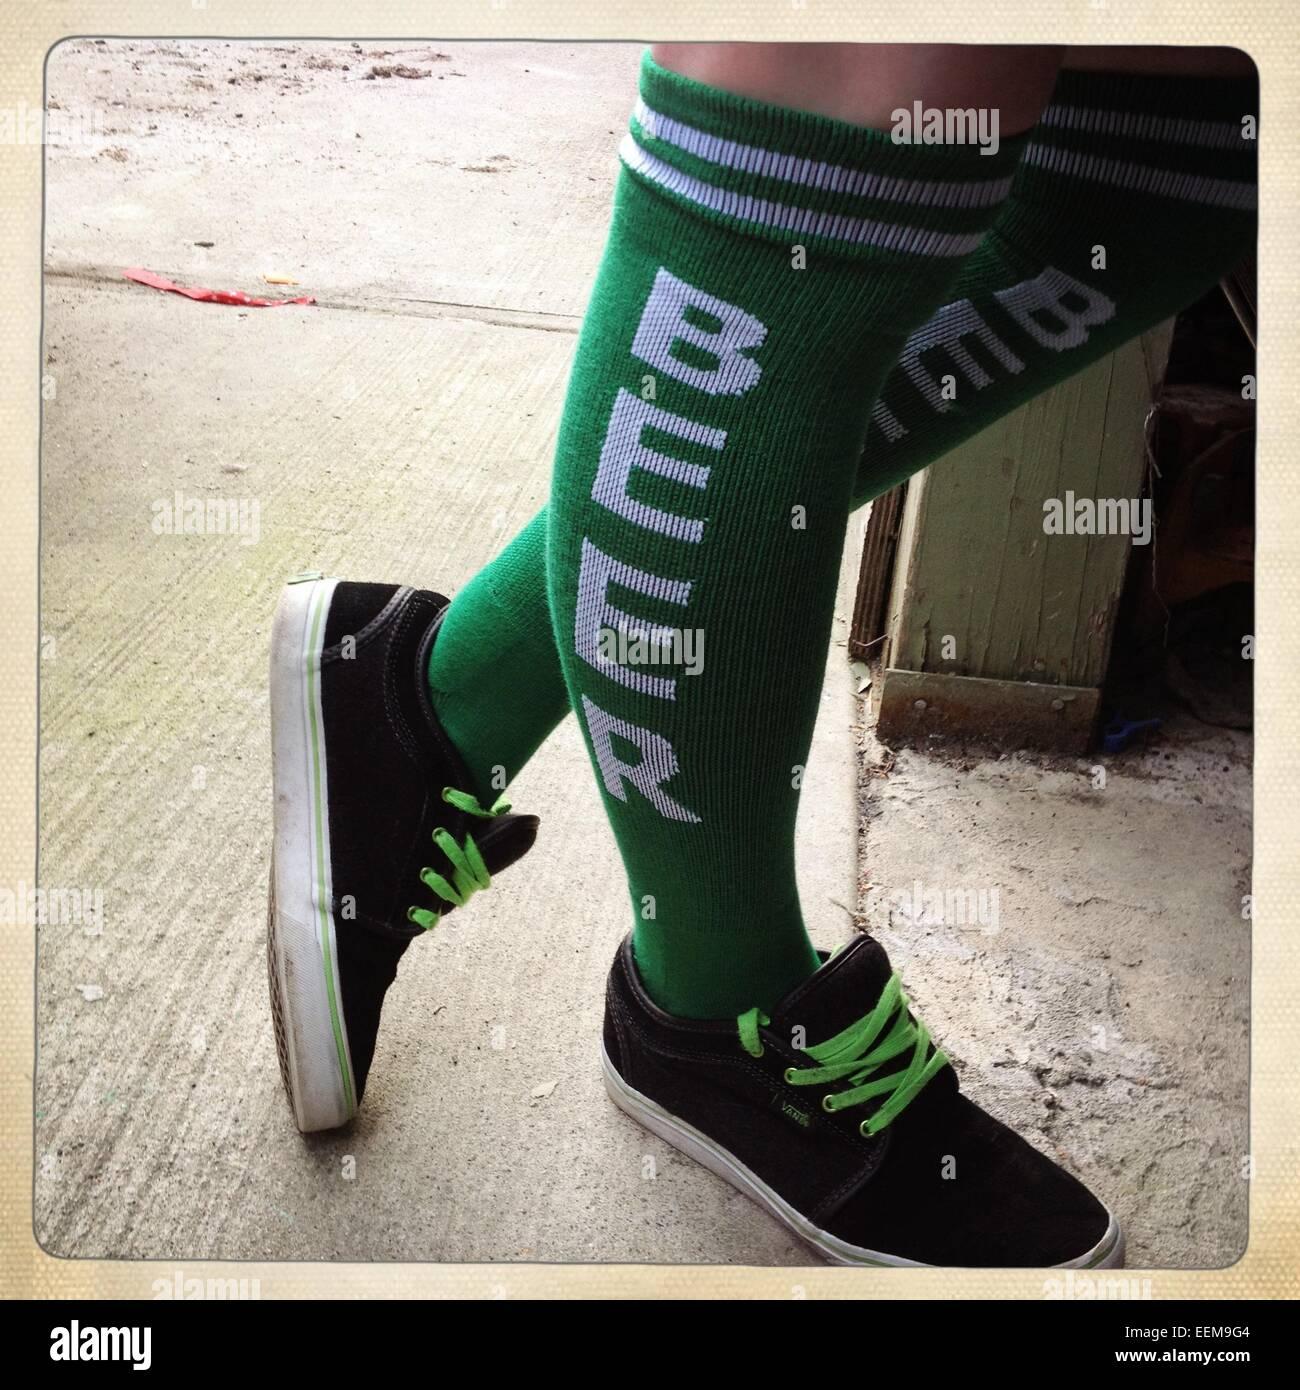 Funny la bière verte chaussettes Photo Stock